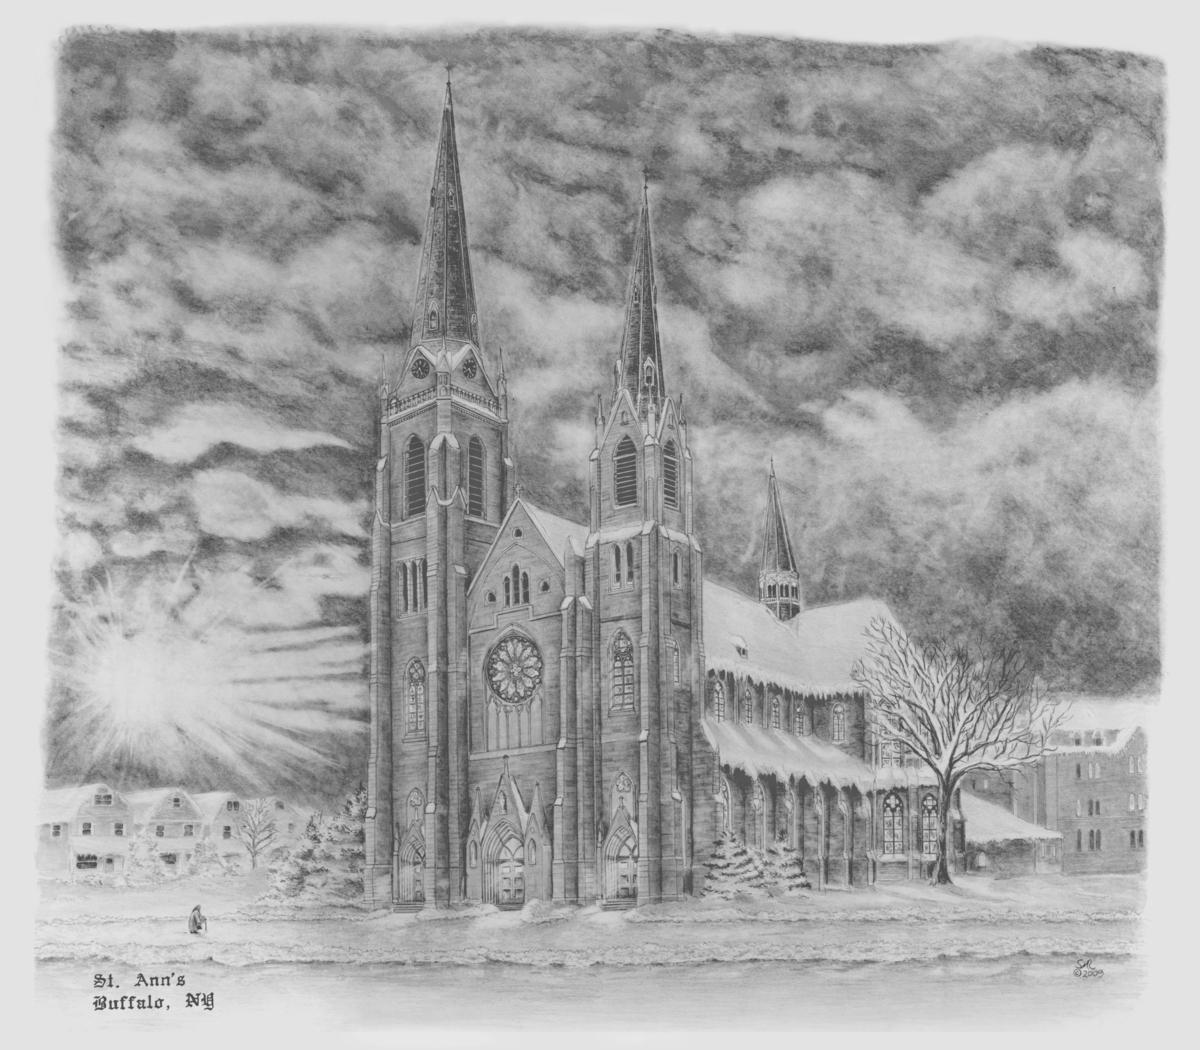 St. Ann's R.C. Church (large view)